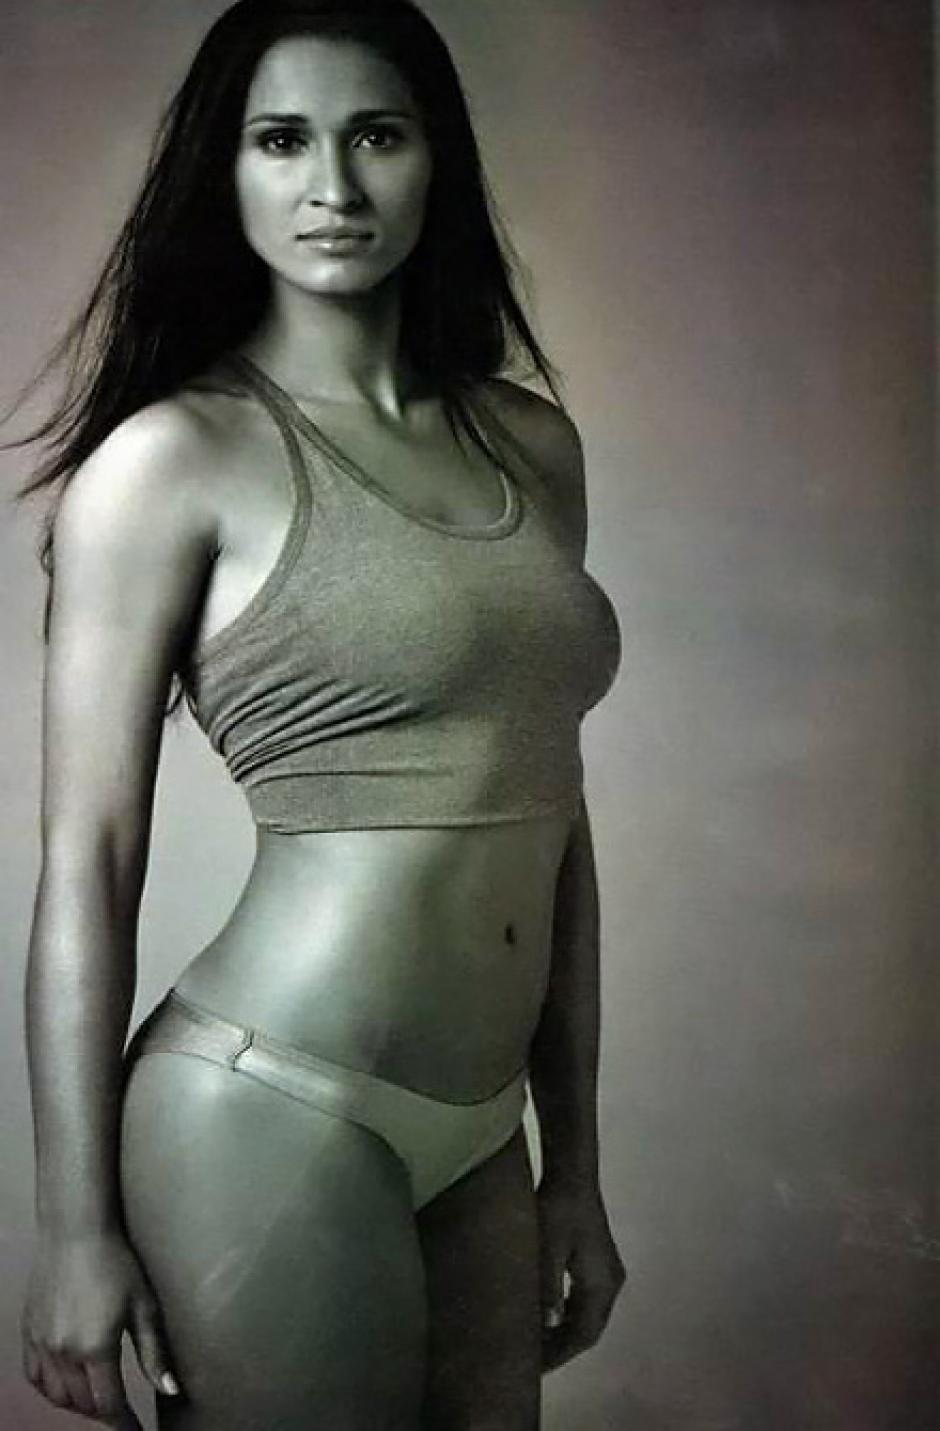 Brasil tiene en Jaqueline Carvalho una sexy representante. (Foto: Twitter)